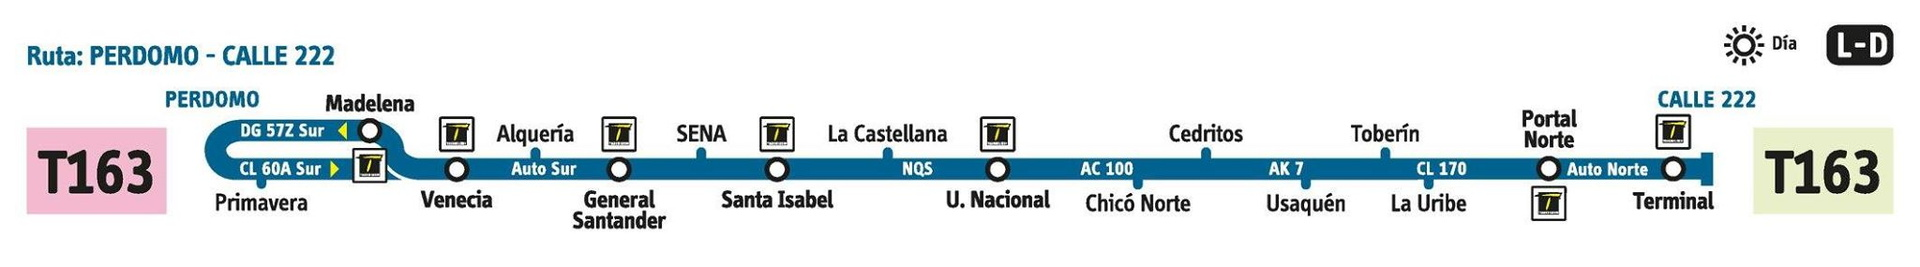 Ruta SITP: T163 Perdomo ↔ Calle 222 [Urbana] 3